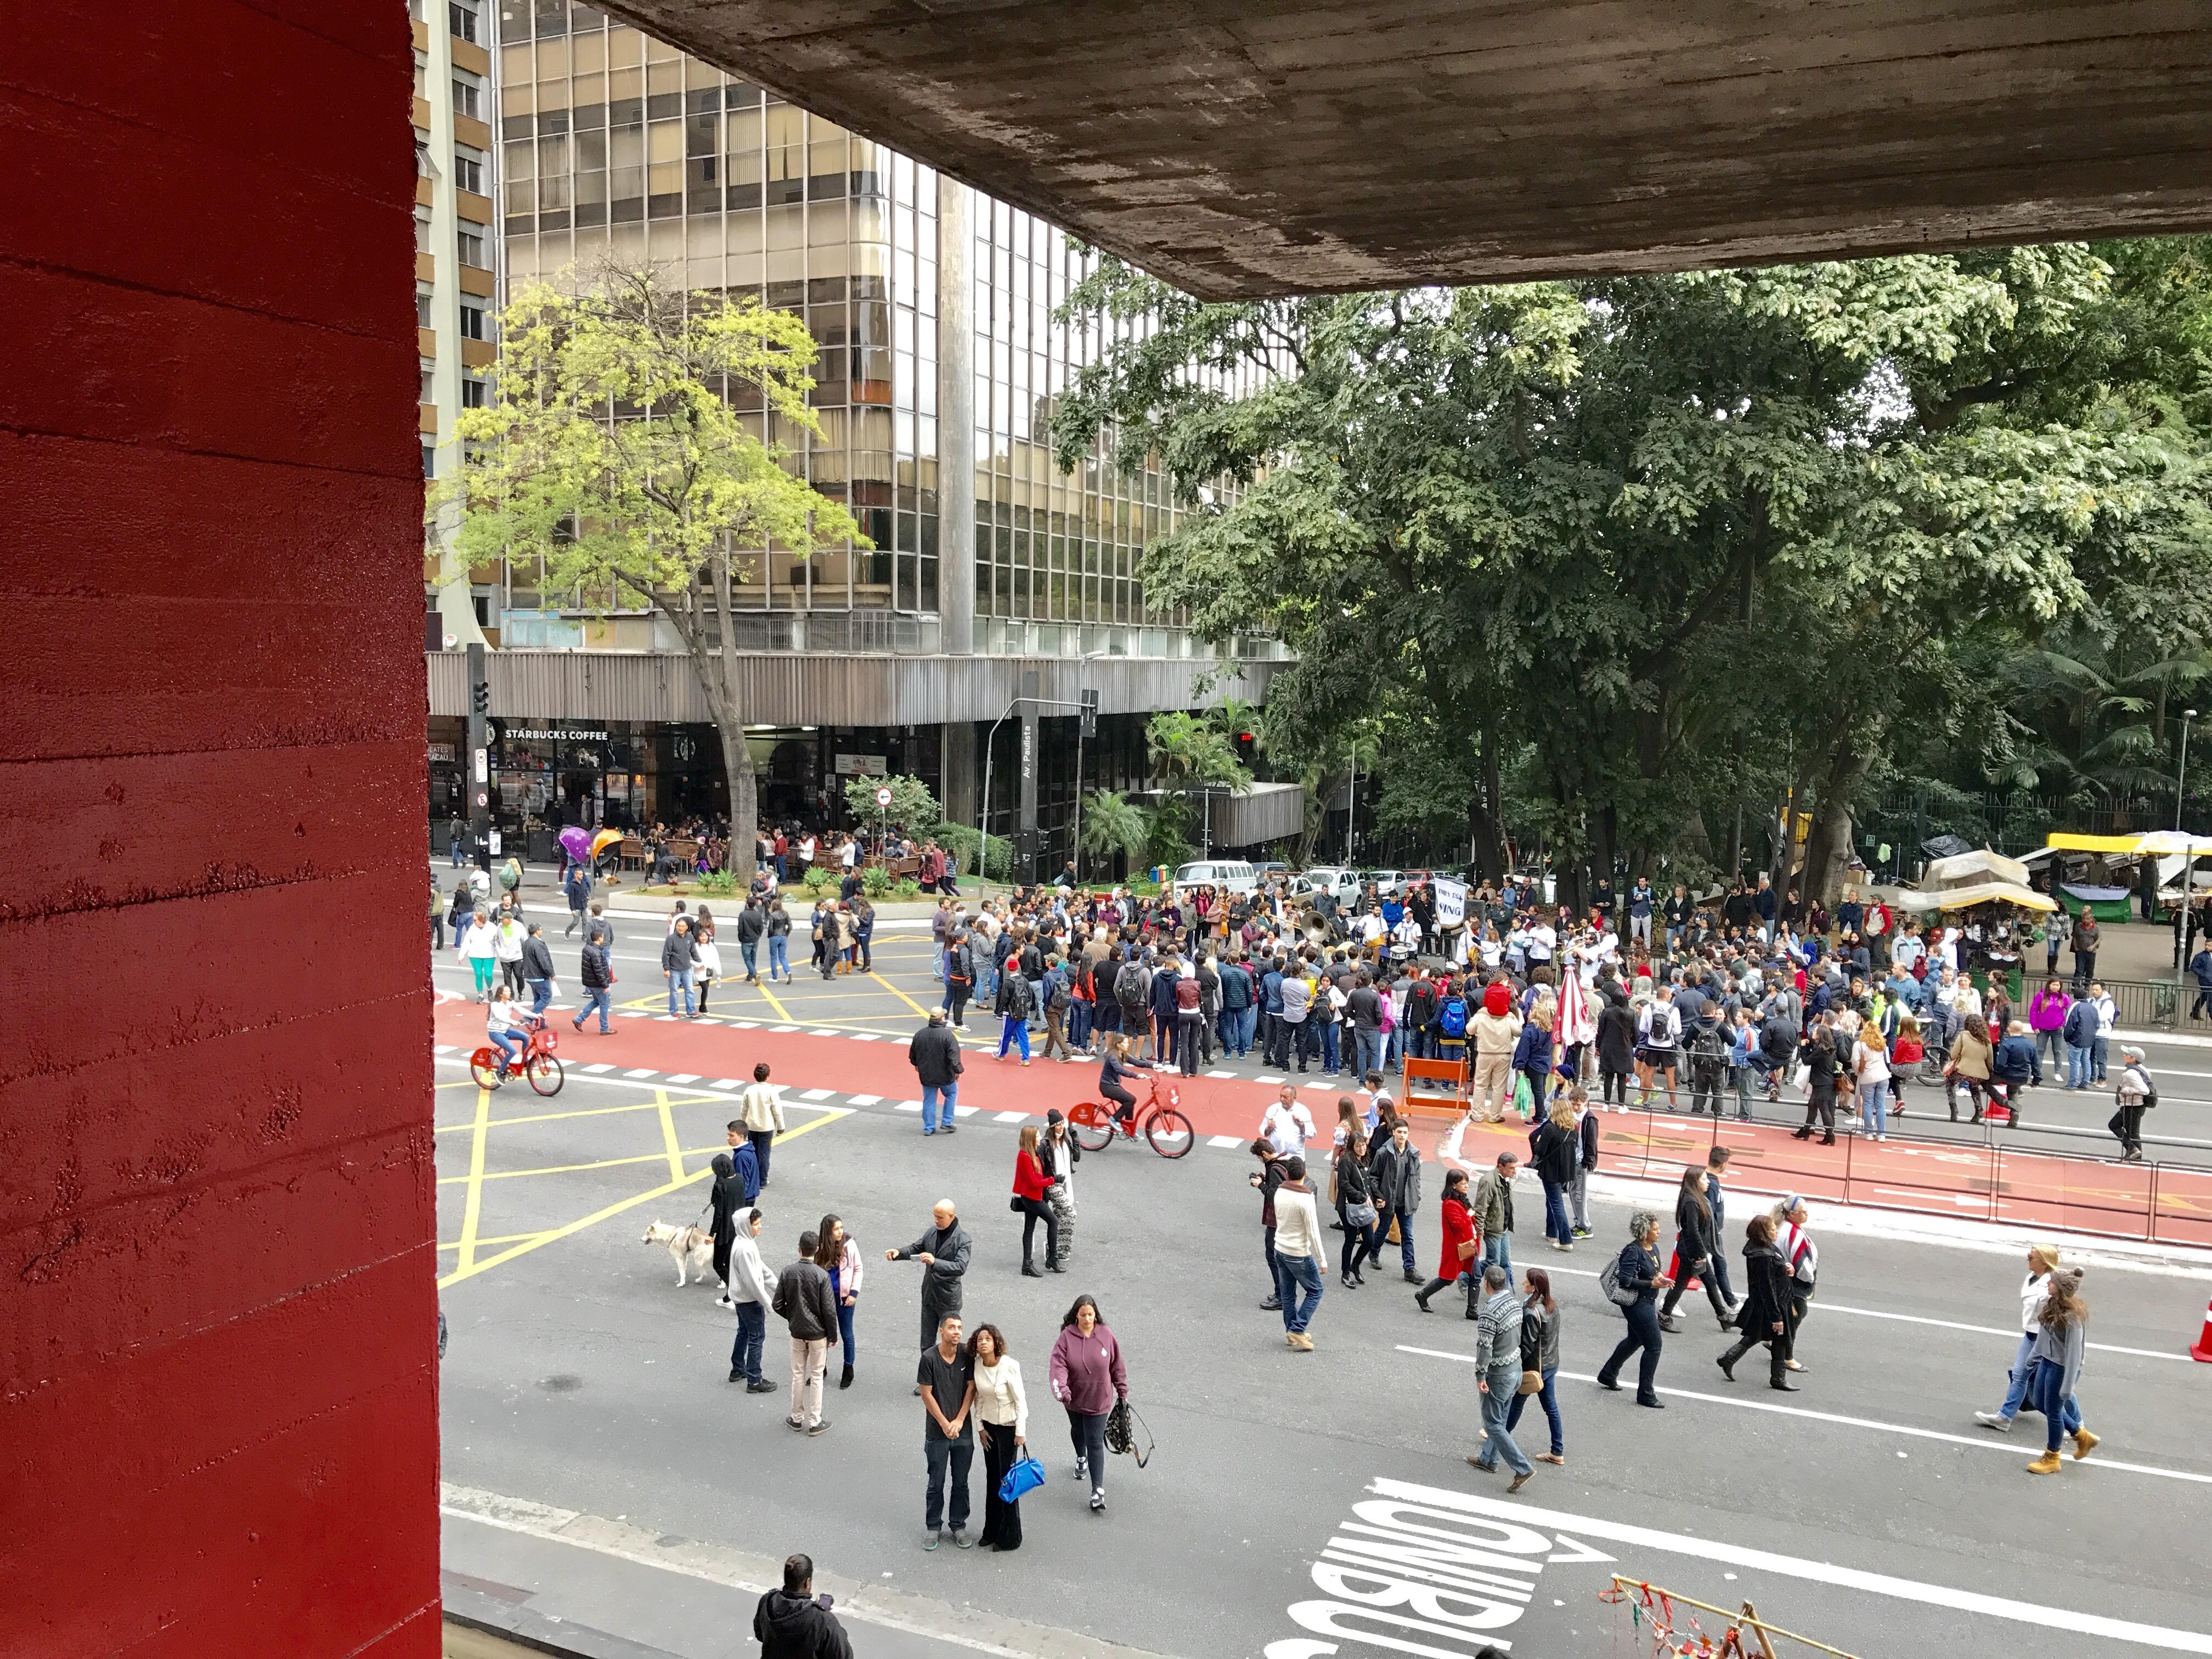 MASP Paulista aberta vão livre